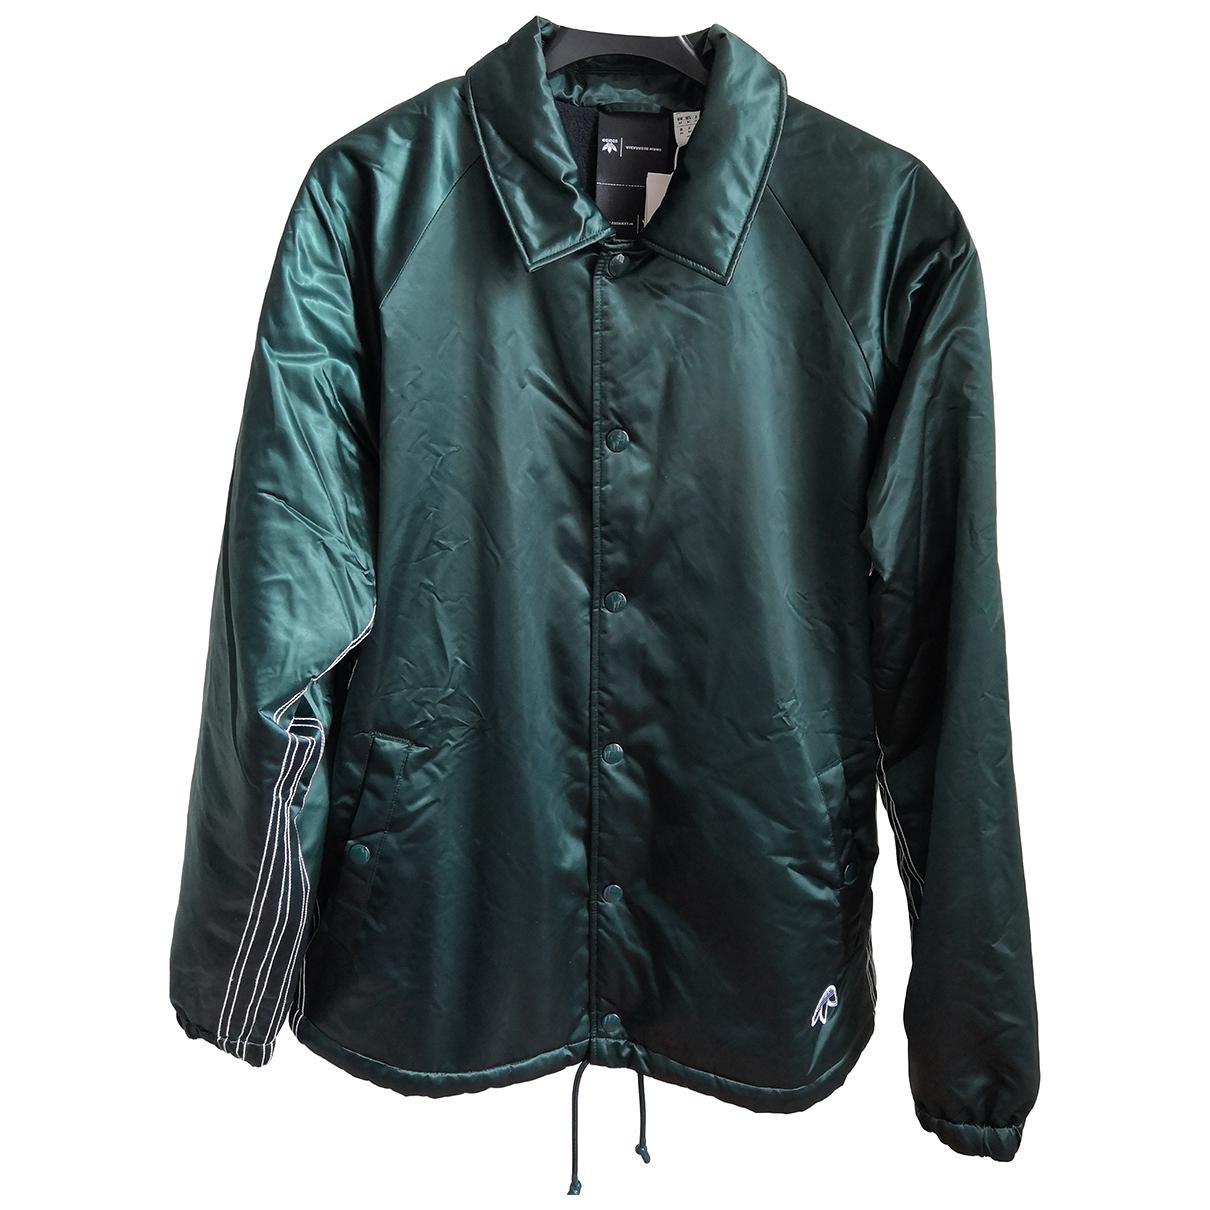 Adidas Originals X Alexander Wang - Vestes.Blousons   pour homme - vert